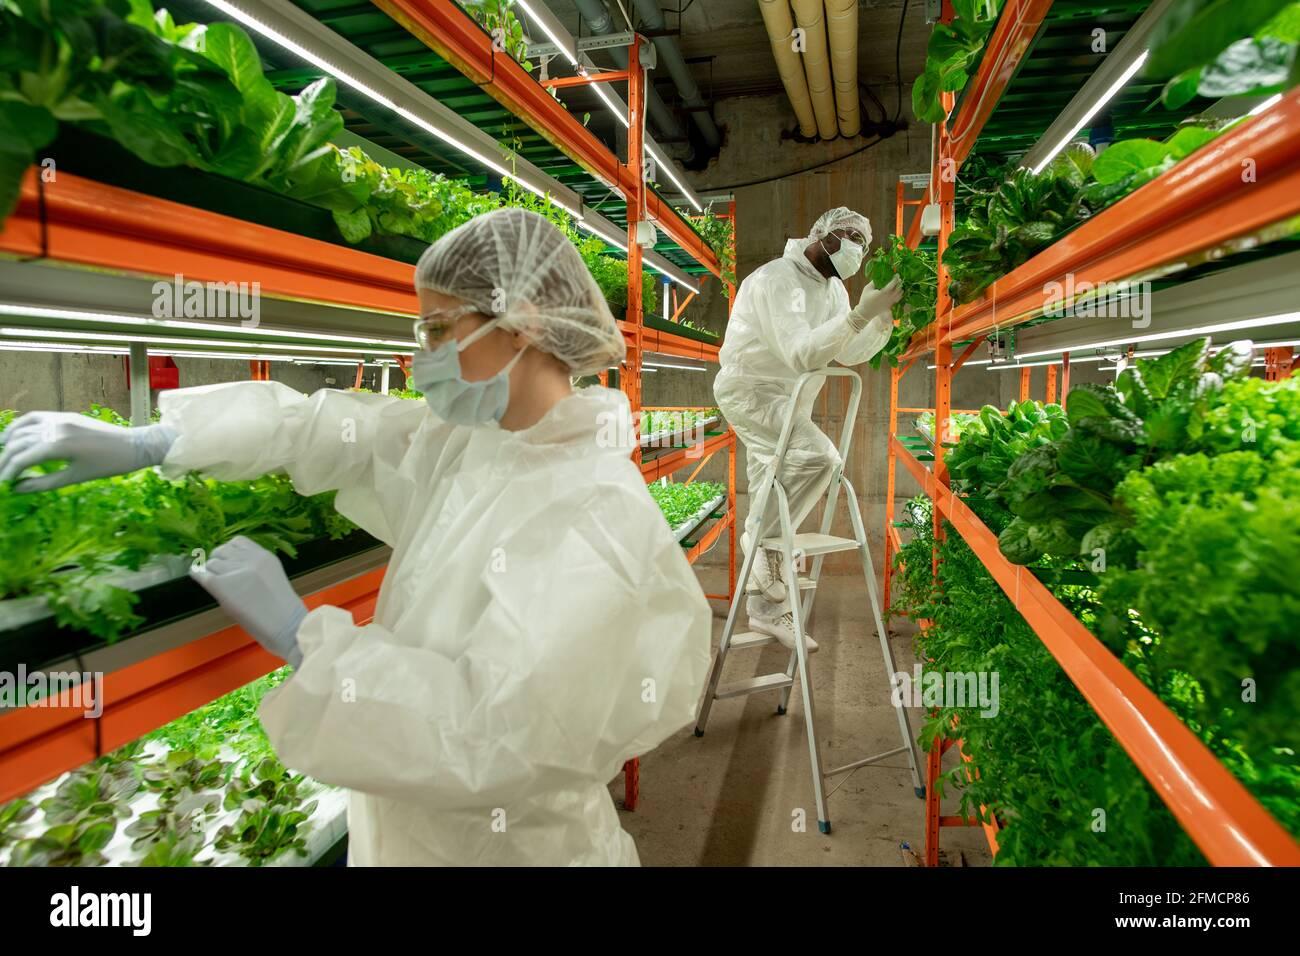 Travailleurs de ferme verticale examinant les feuilles de laitue et d'empotage Plantes en serre moderne avec lampes LED et cadre métallique Banque D'Images